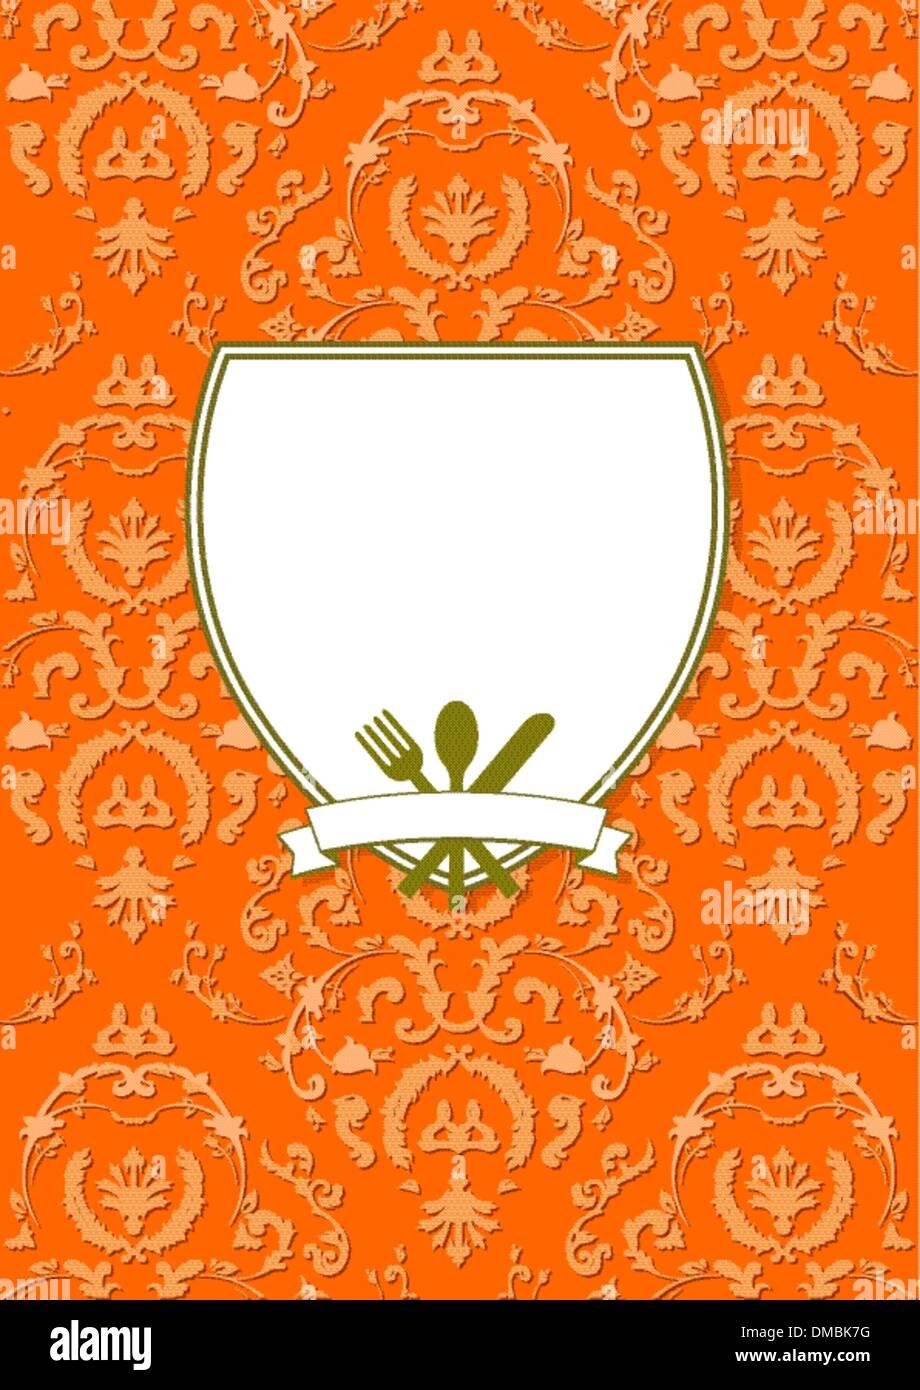 elegant restaurant menu card stock vector art & illustration, vector